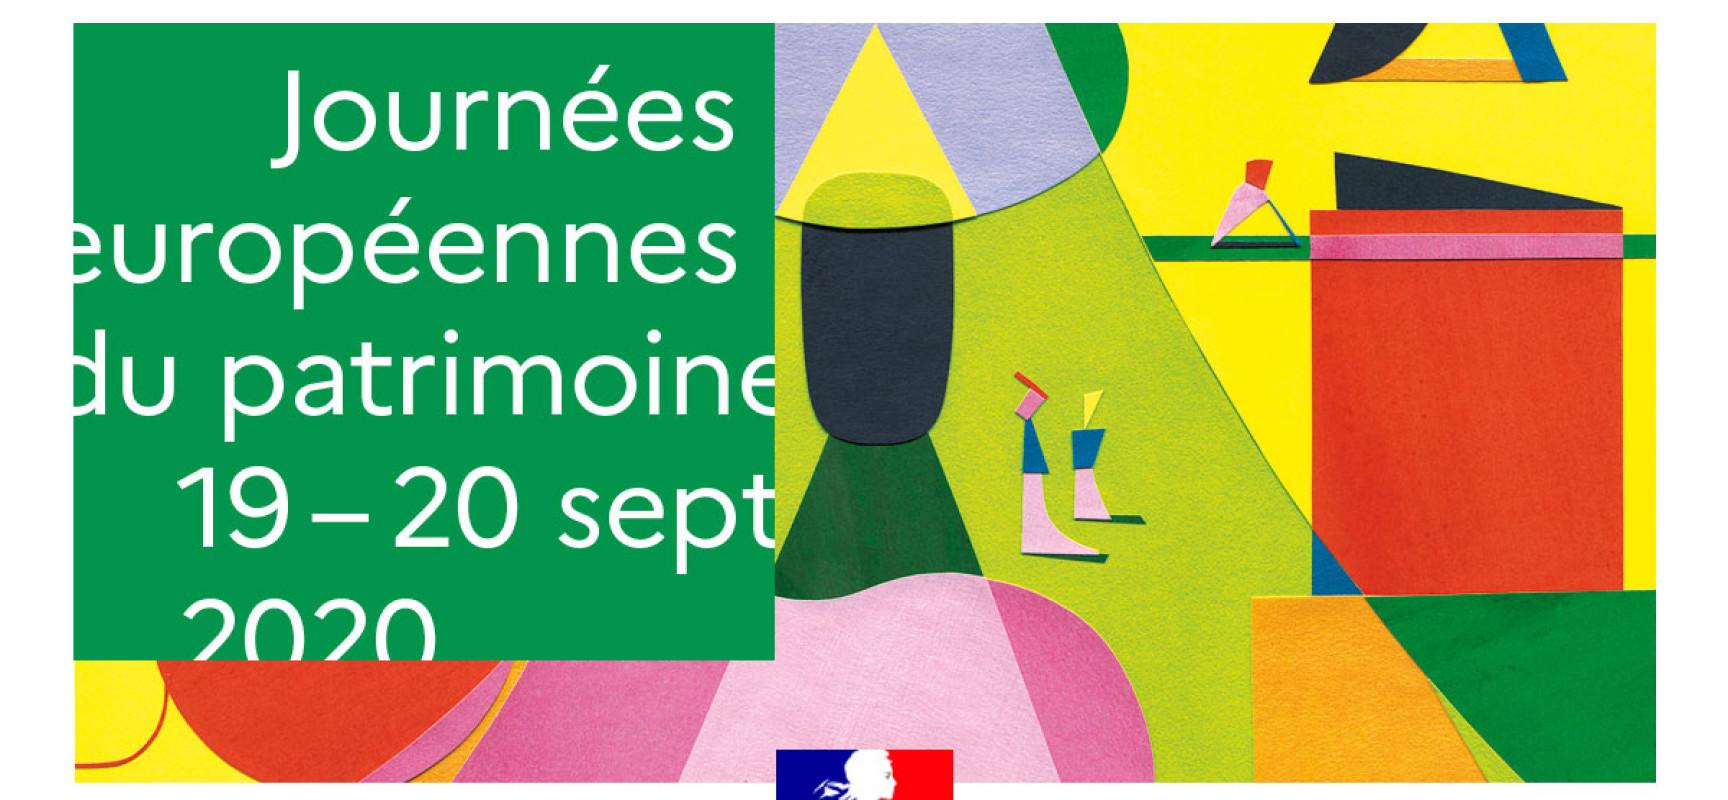 37ème édition des Journées Européennes du Patrimoine #JEP2020